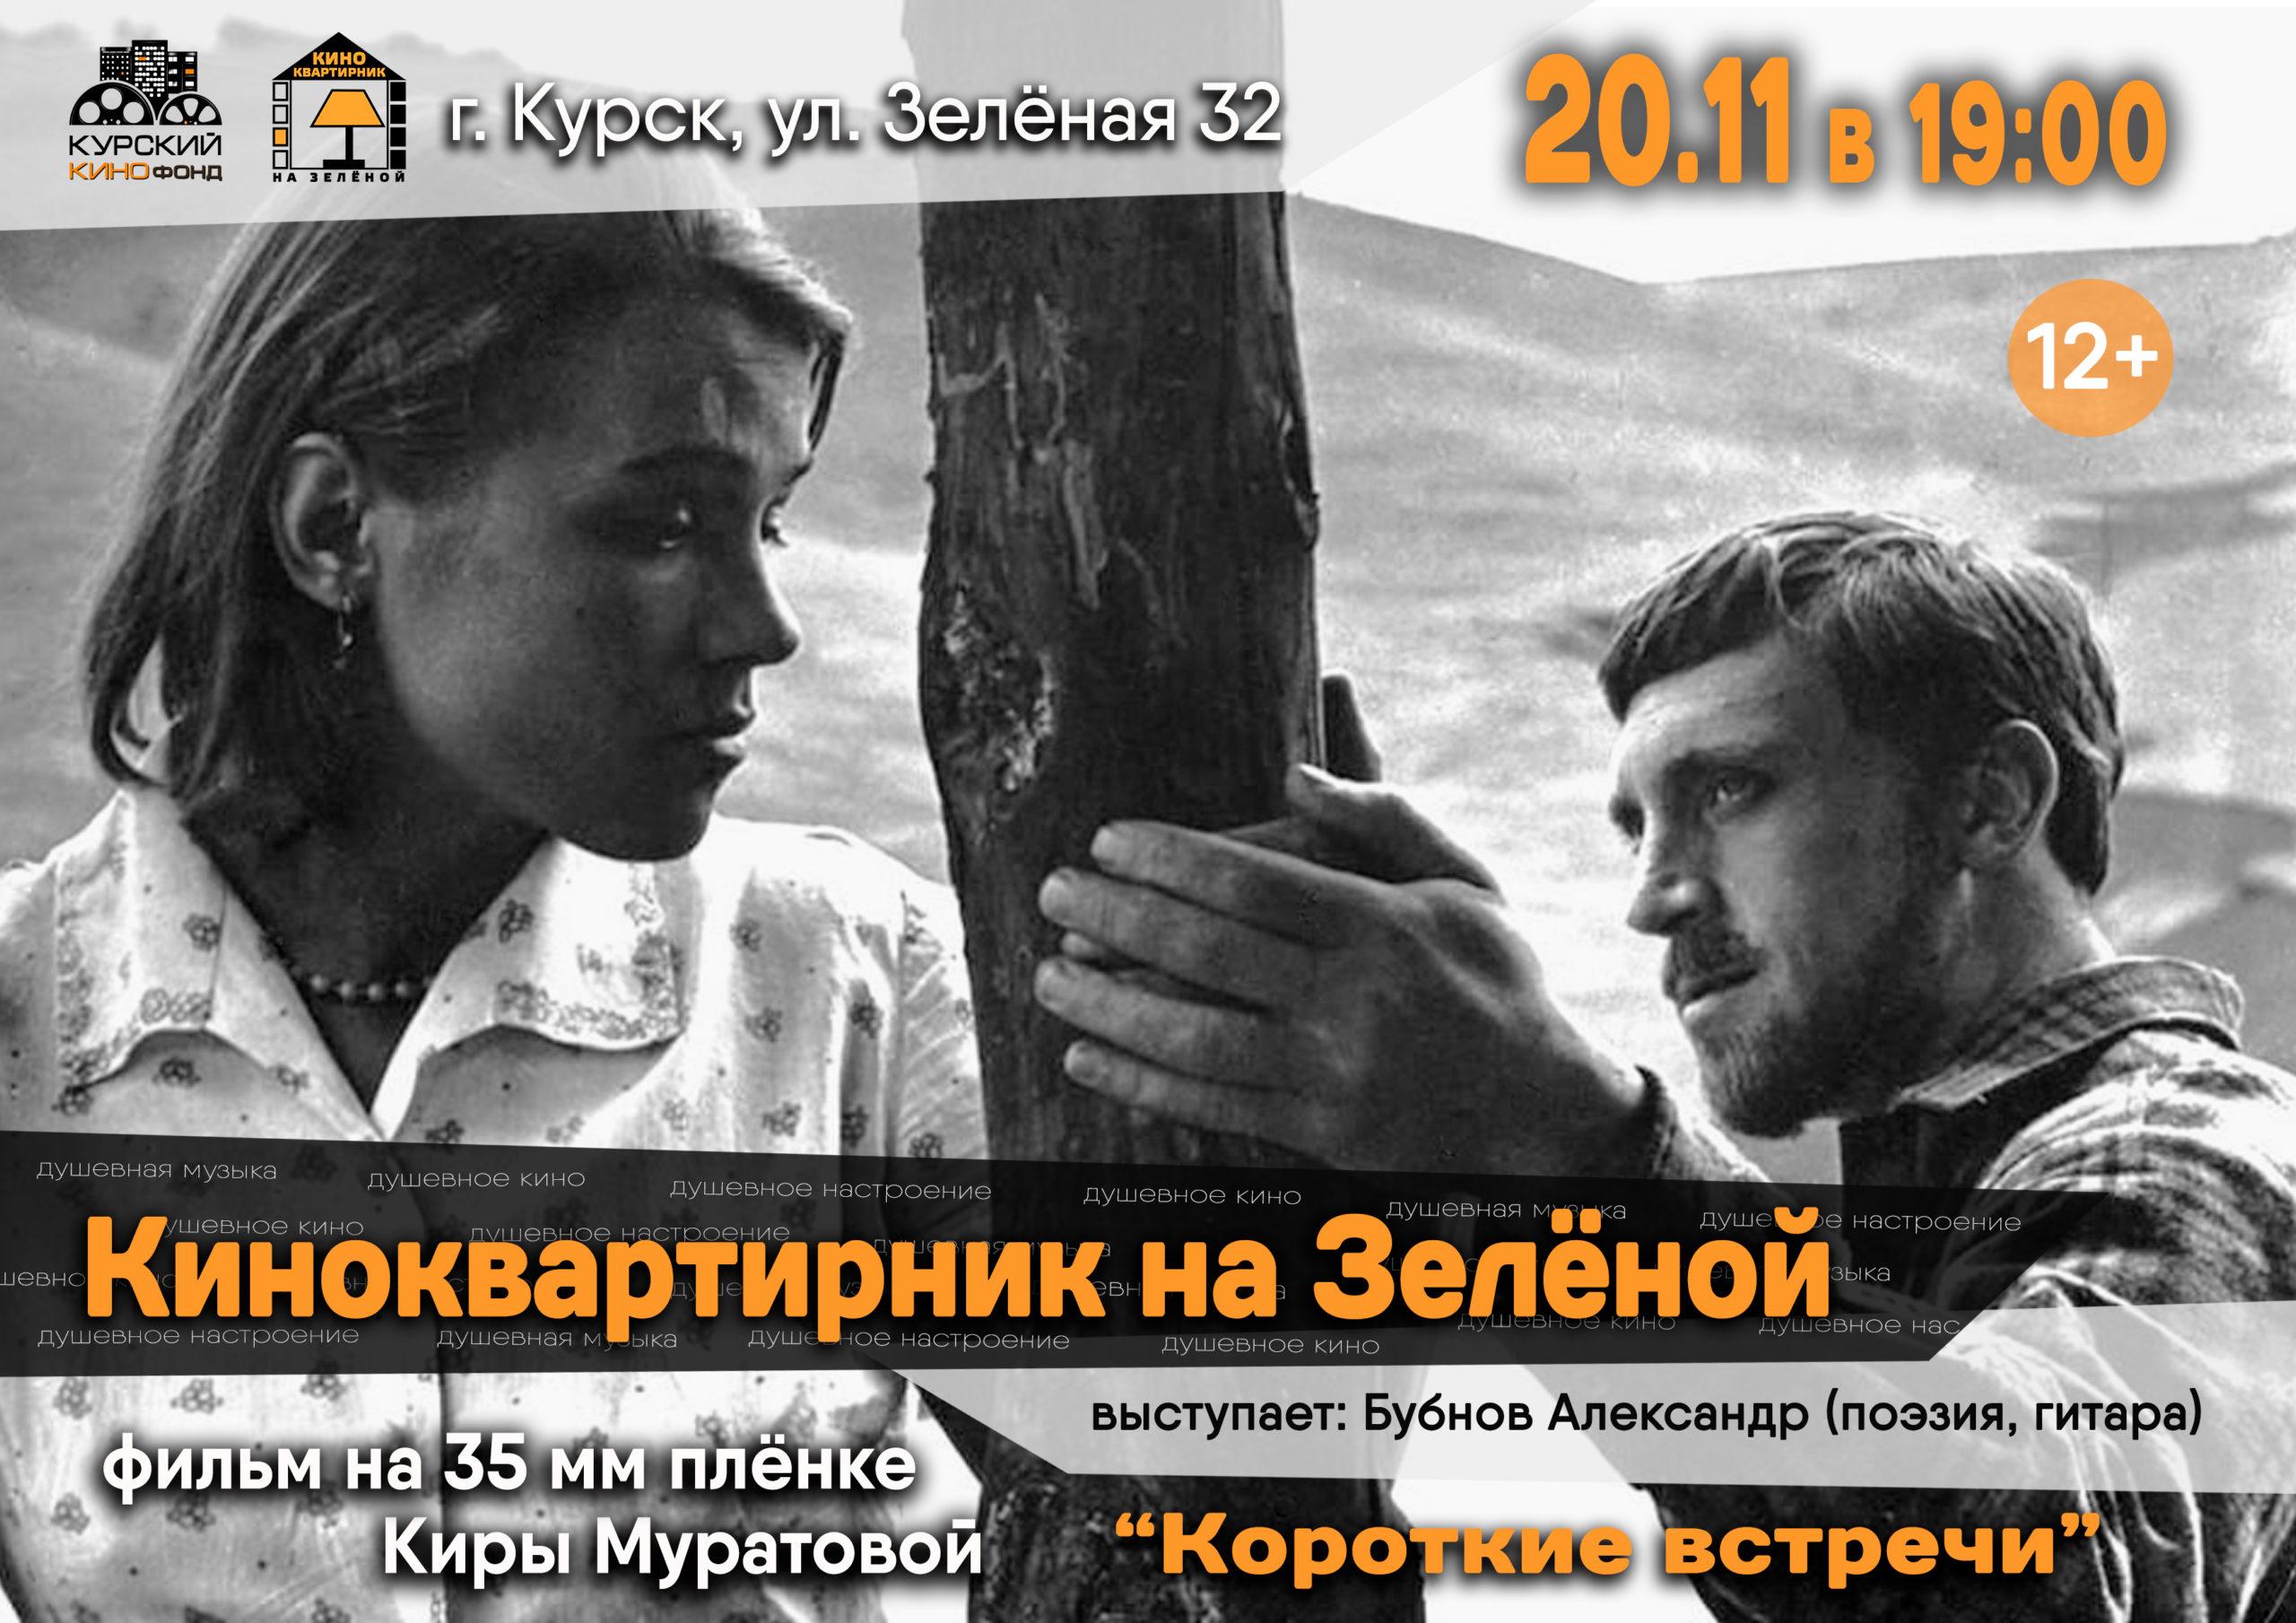 Ноябрьский киноквартирник на Зеленой